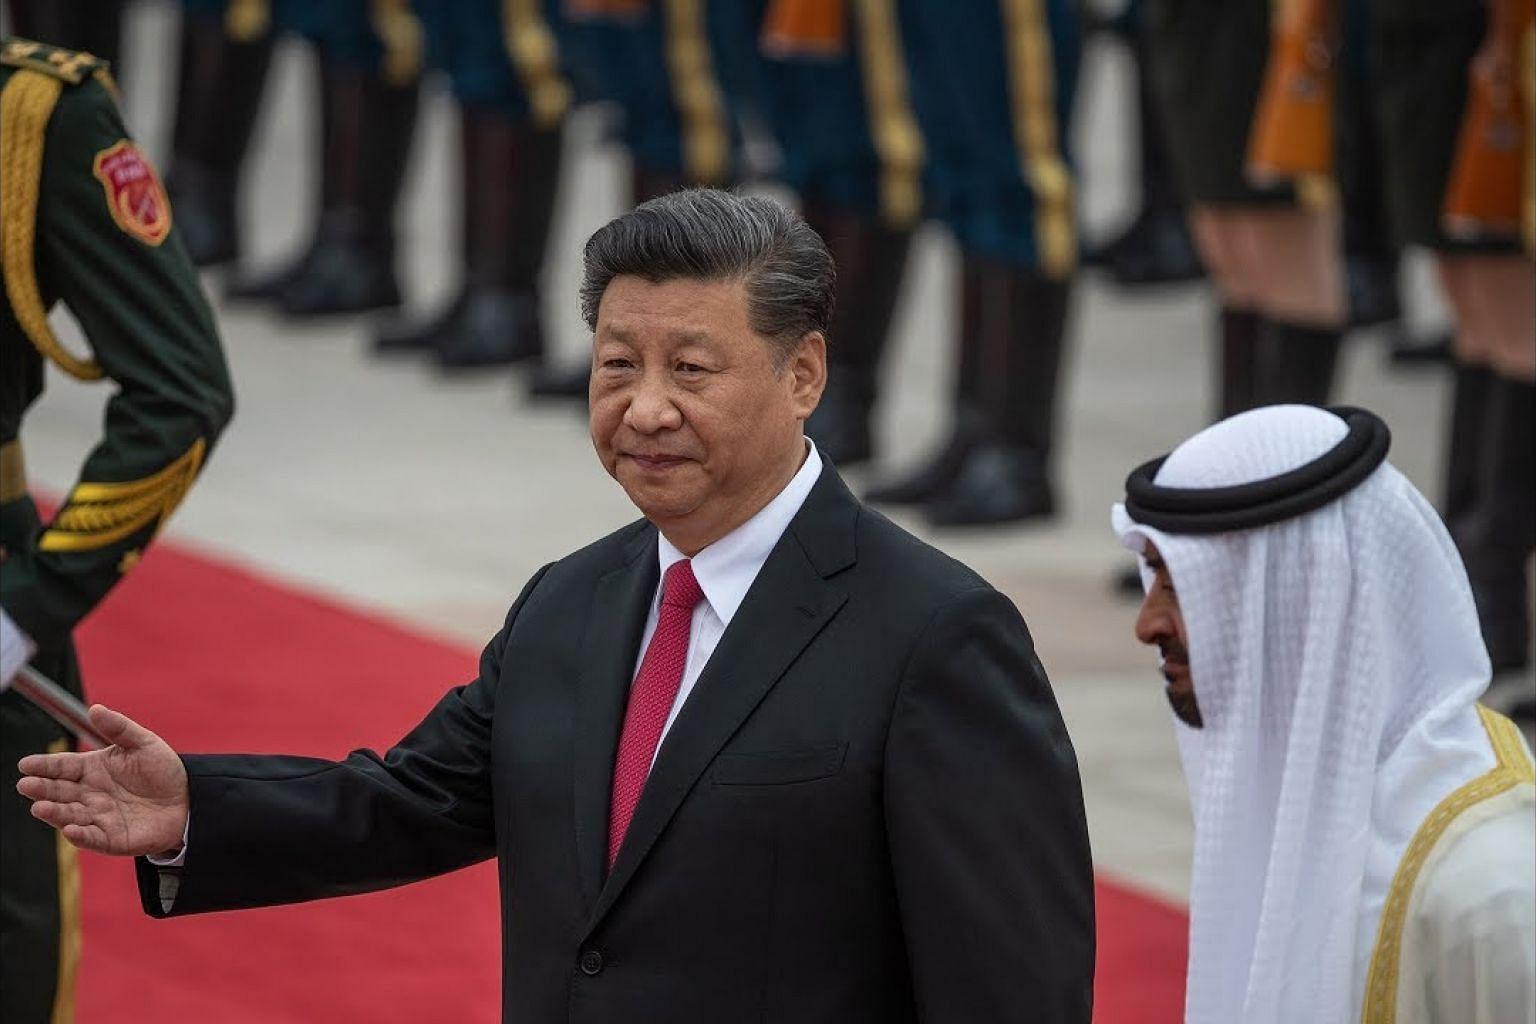 China's Xi has 'acted responsibly' on Hong Kong protests: Trump